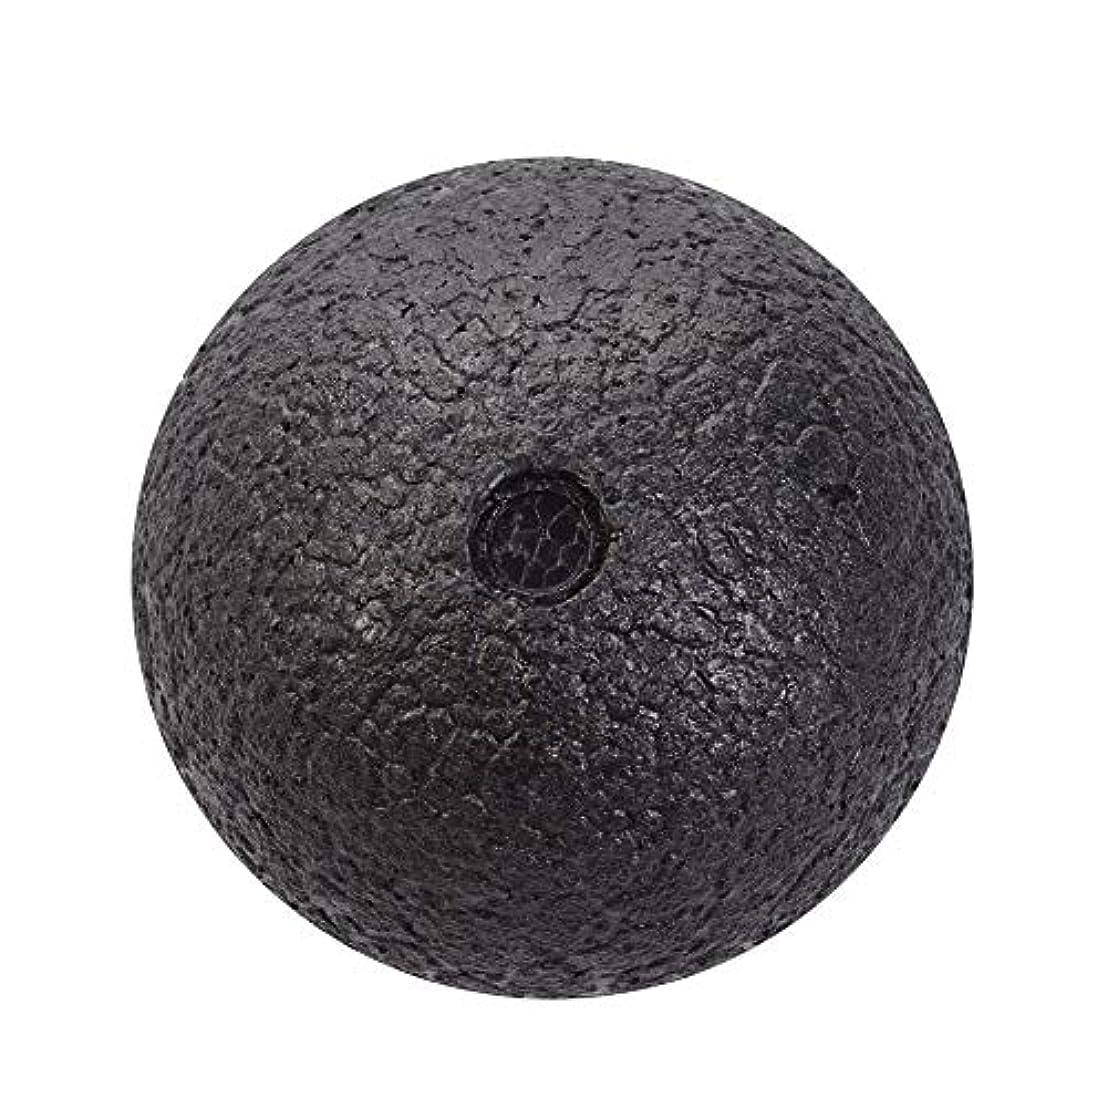 過言可塑性飲料ZAYAR マッサージボール トリガーポイント ストレッチボール 筋膜リリース トレーニング 背中 肩こり 腰 ふくらはぎ 足裏 ツボ押しグッズ